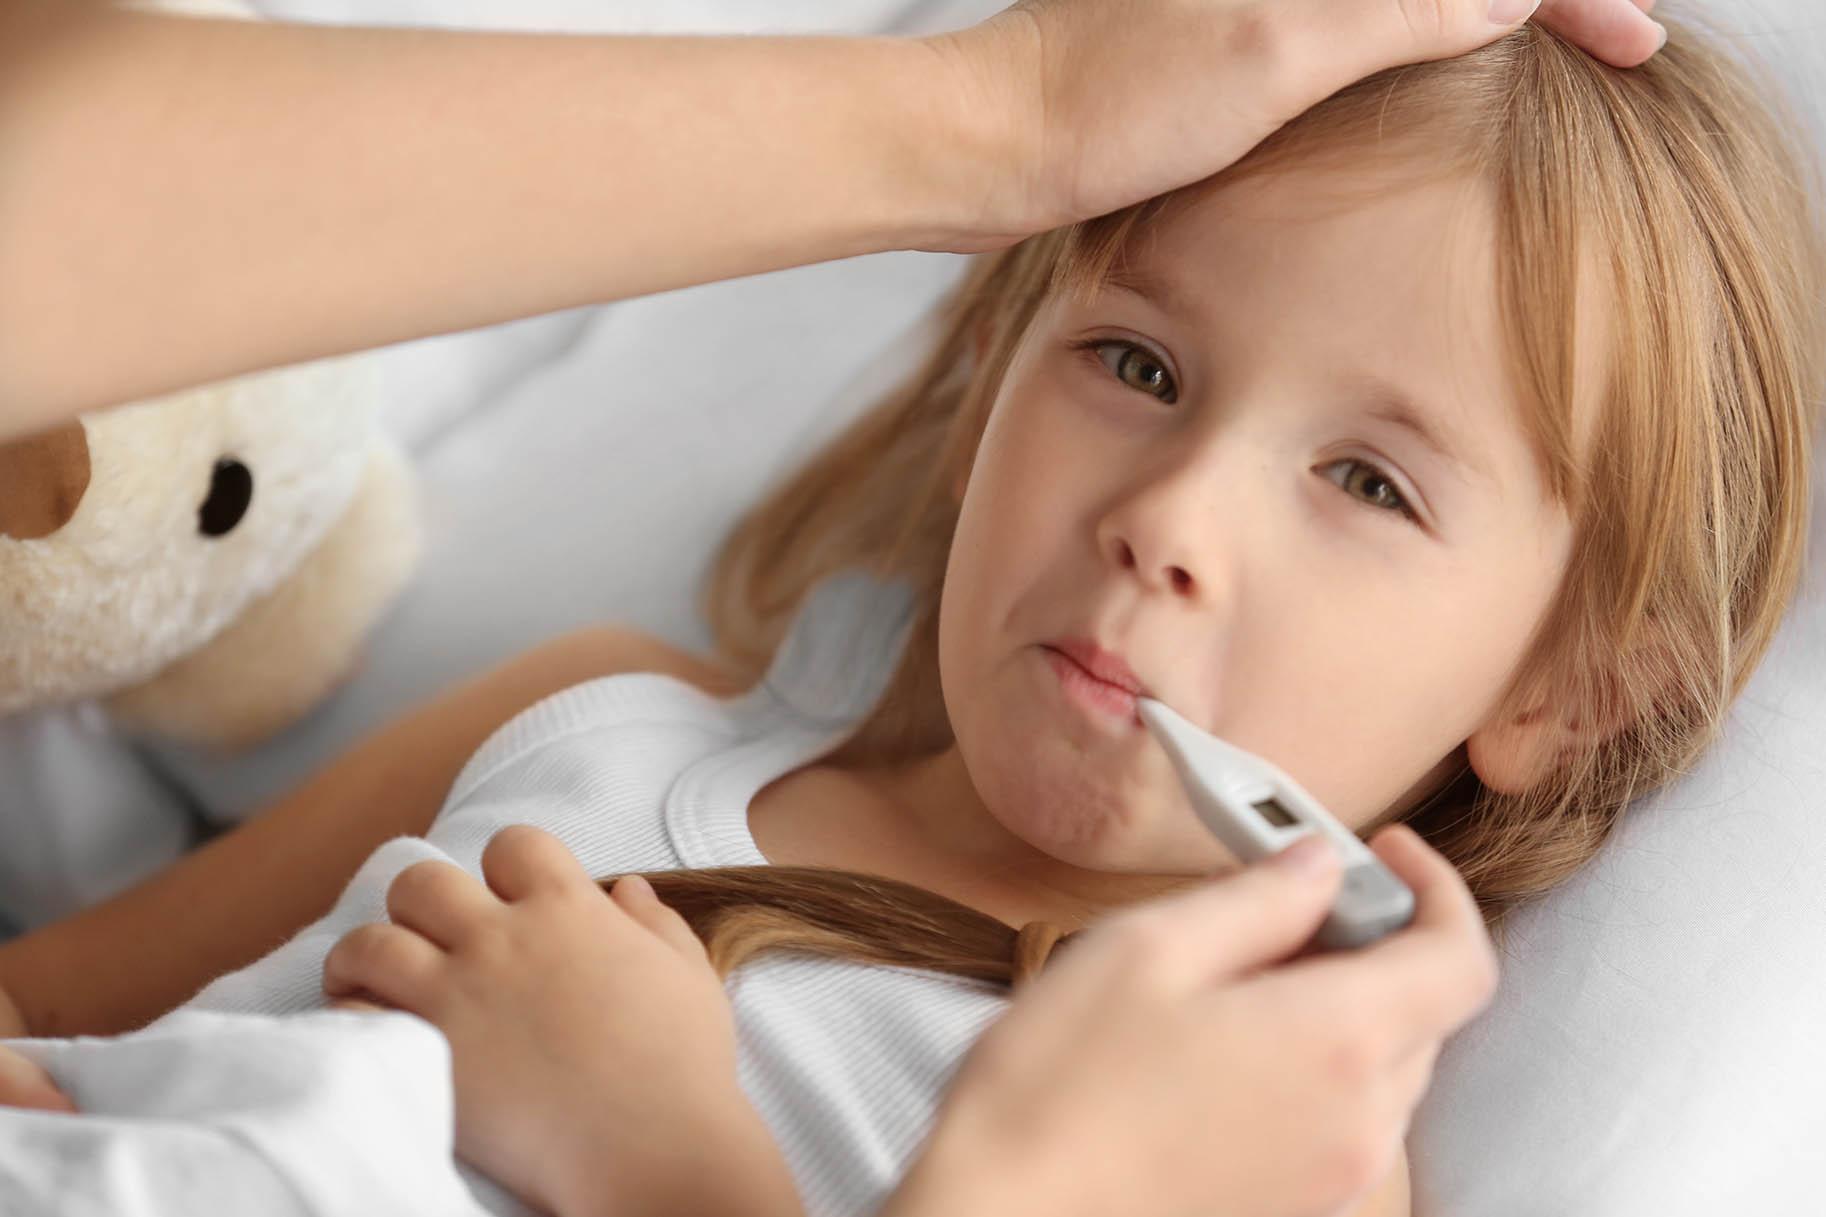 bambina a letto con l'influenza si misura la temperatura